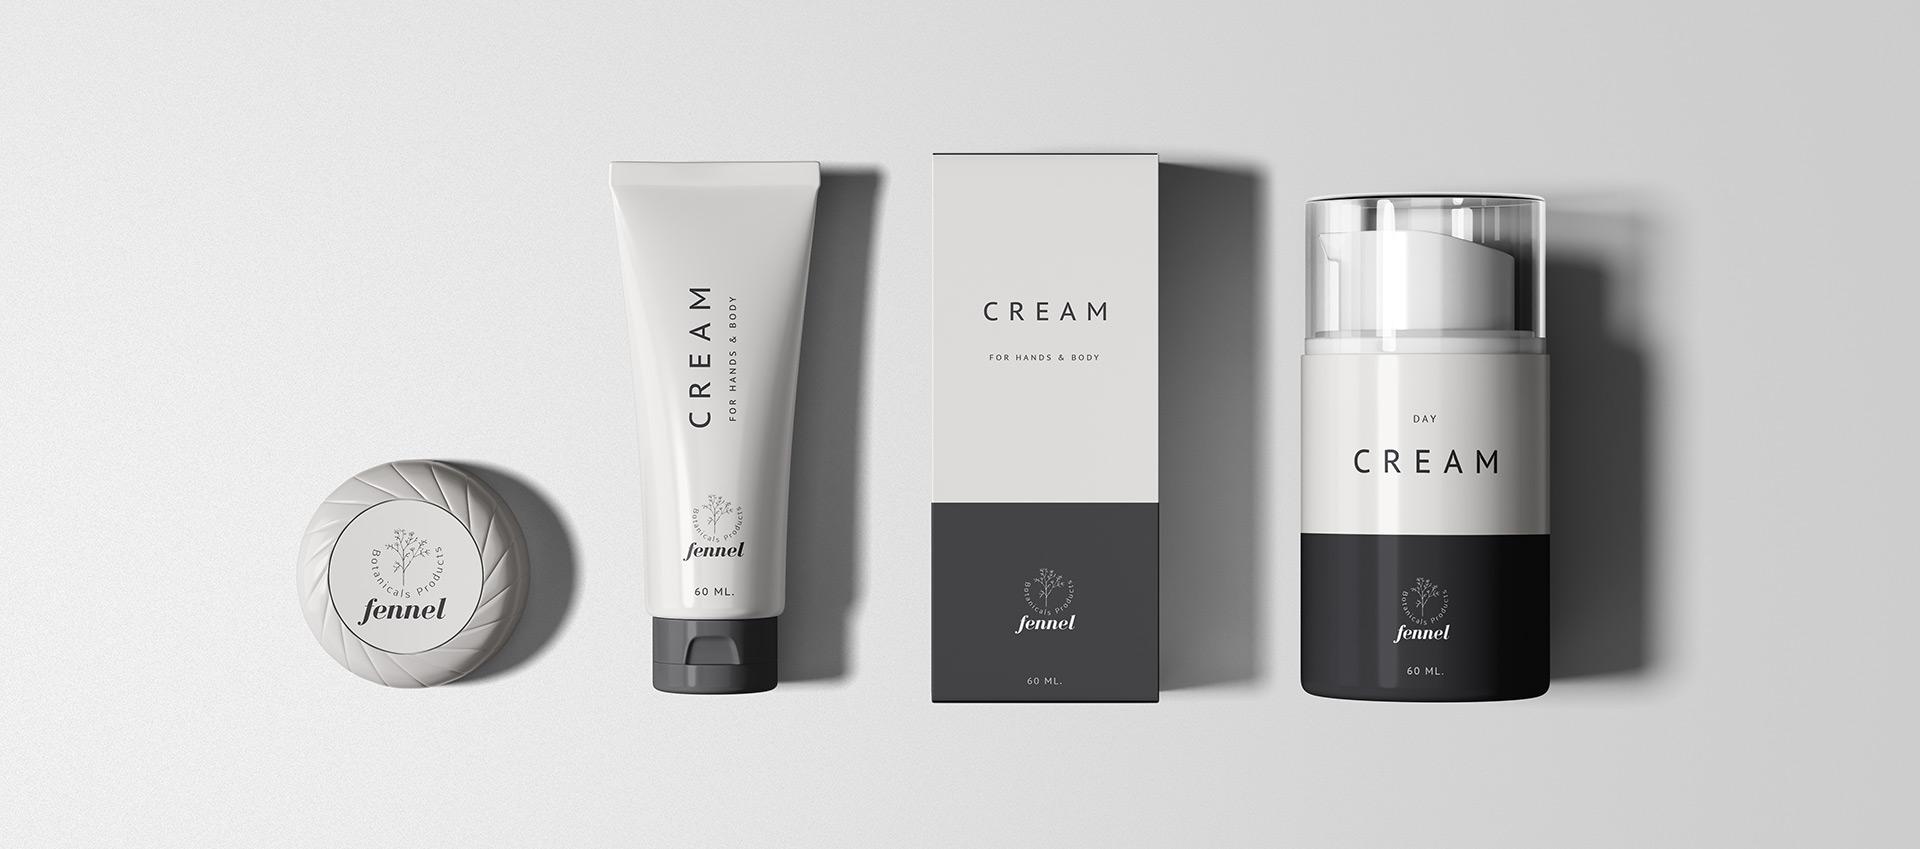 fennel cream logo design by vazirstudio.com